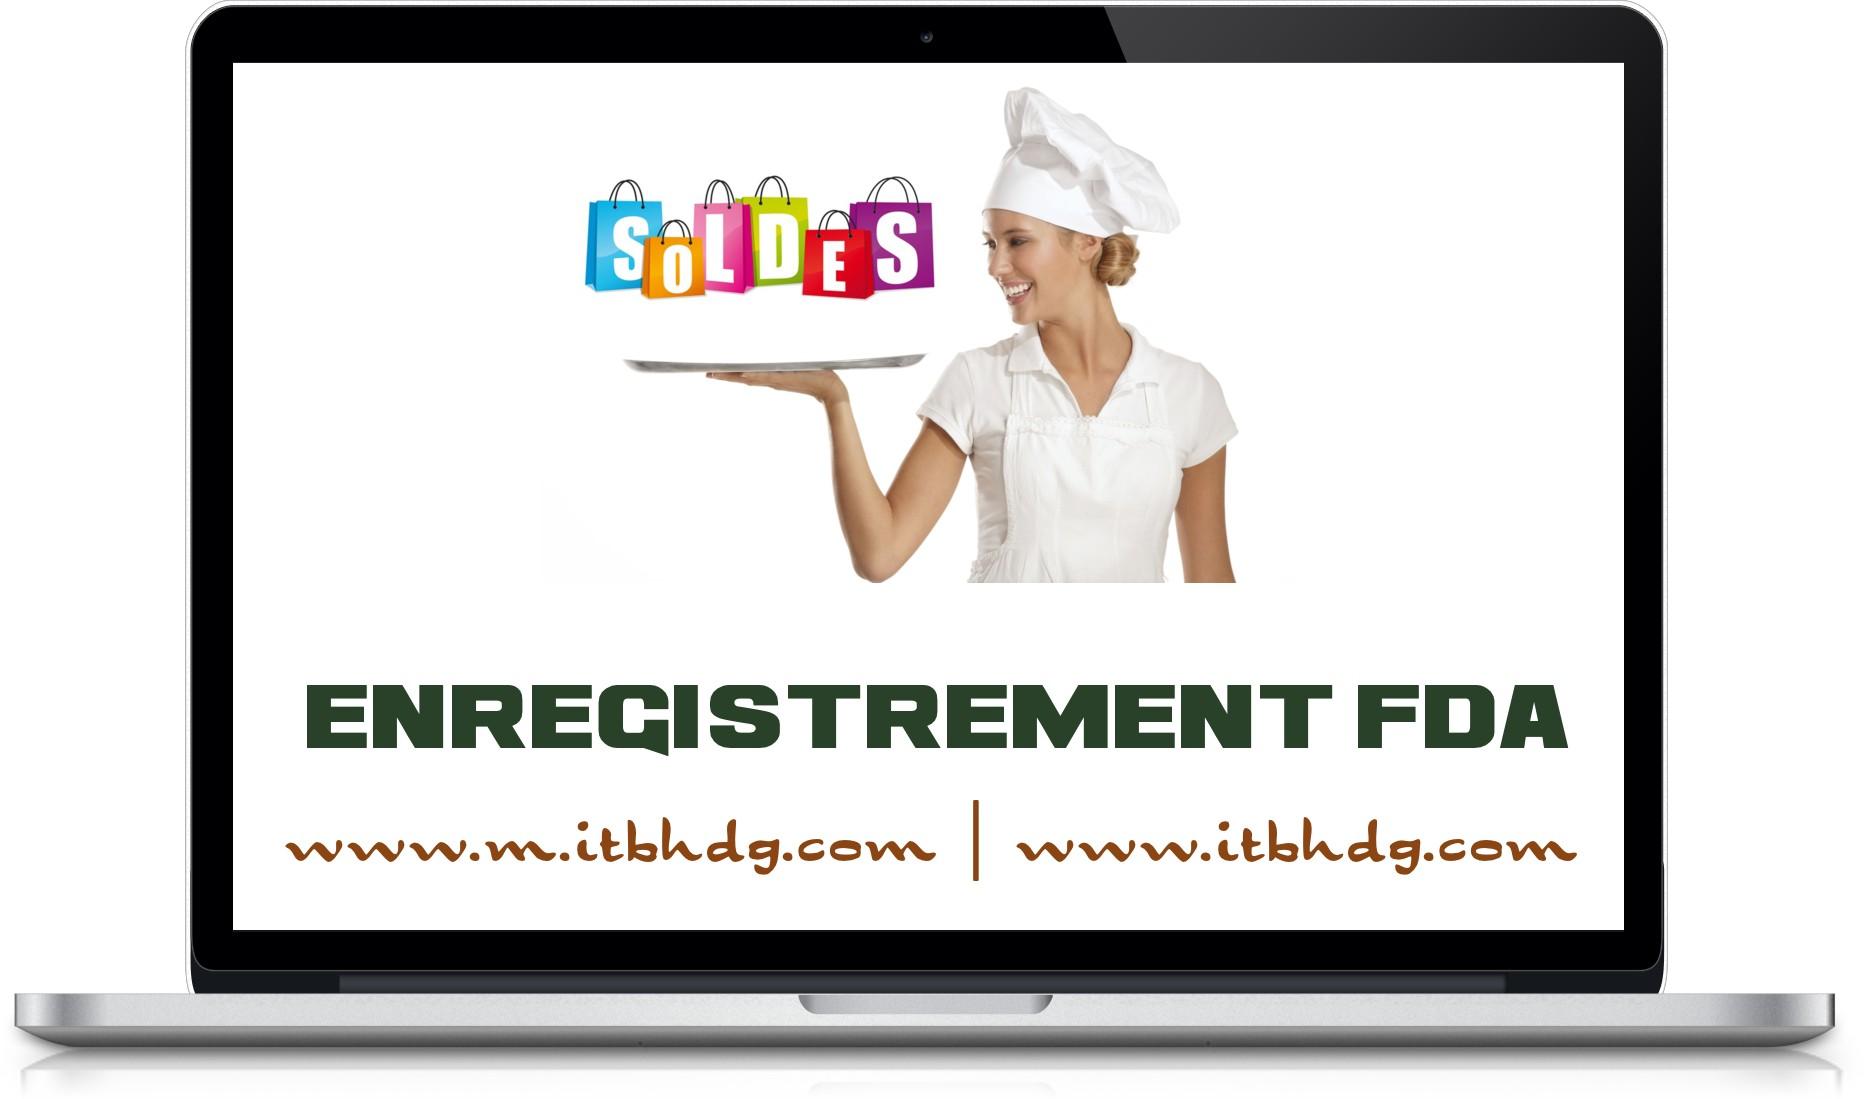 ENREGISTREMENT FDA -75% | Denrées alimentaires | Compléments alimentaires | Aliments en conserve | Boissons alcoolisées | CLIQUEZ  ICI | www.m.itbhdg.com | www.itbhdg.com